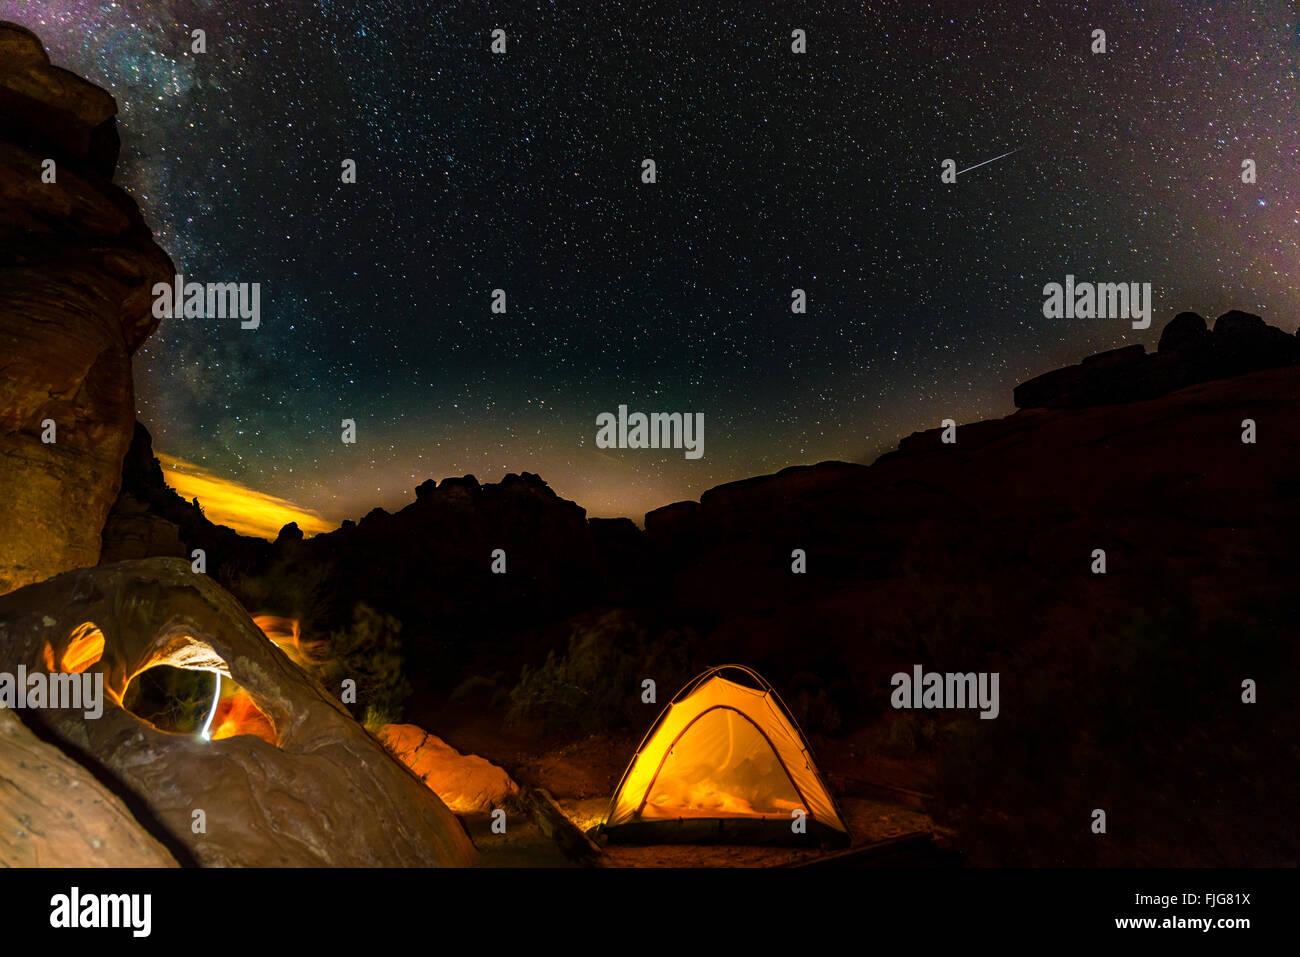 Tenda in un campeggio con cielo stellato sopra, scena notturna, Wildrose campeggio, il Parco Nazionale della Valle Immagini Stock